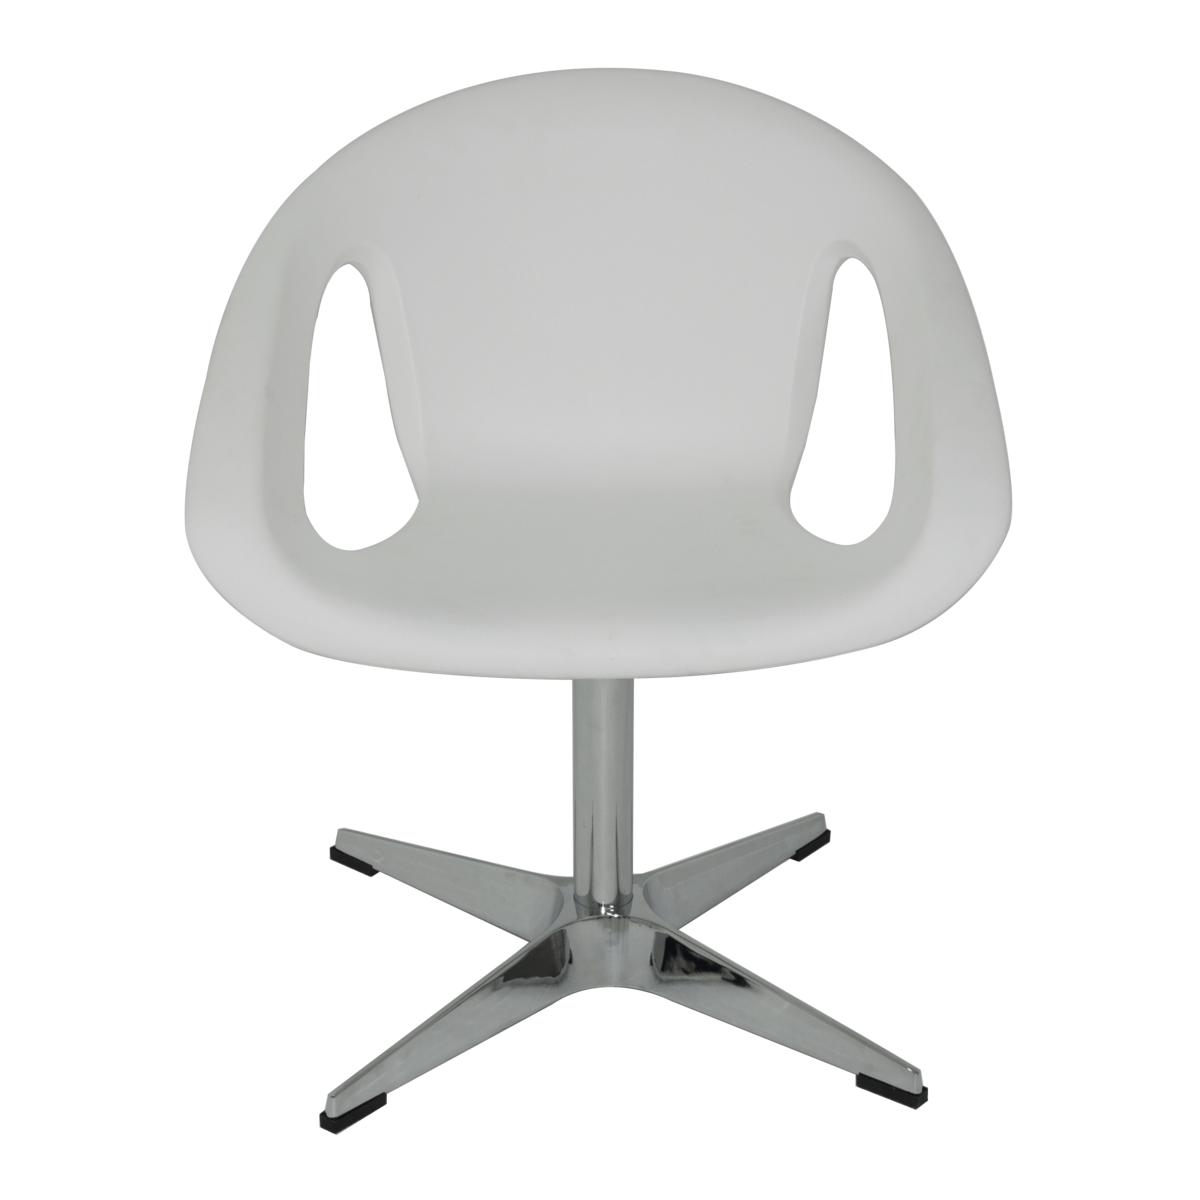 Cadeira Tramontina Delice Branca em Polietileno com base X 92705010